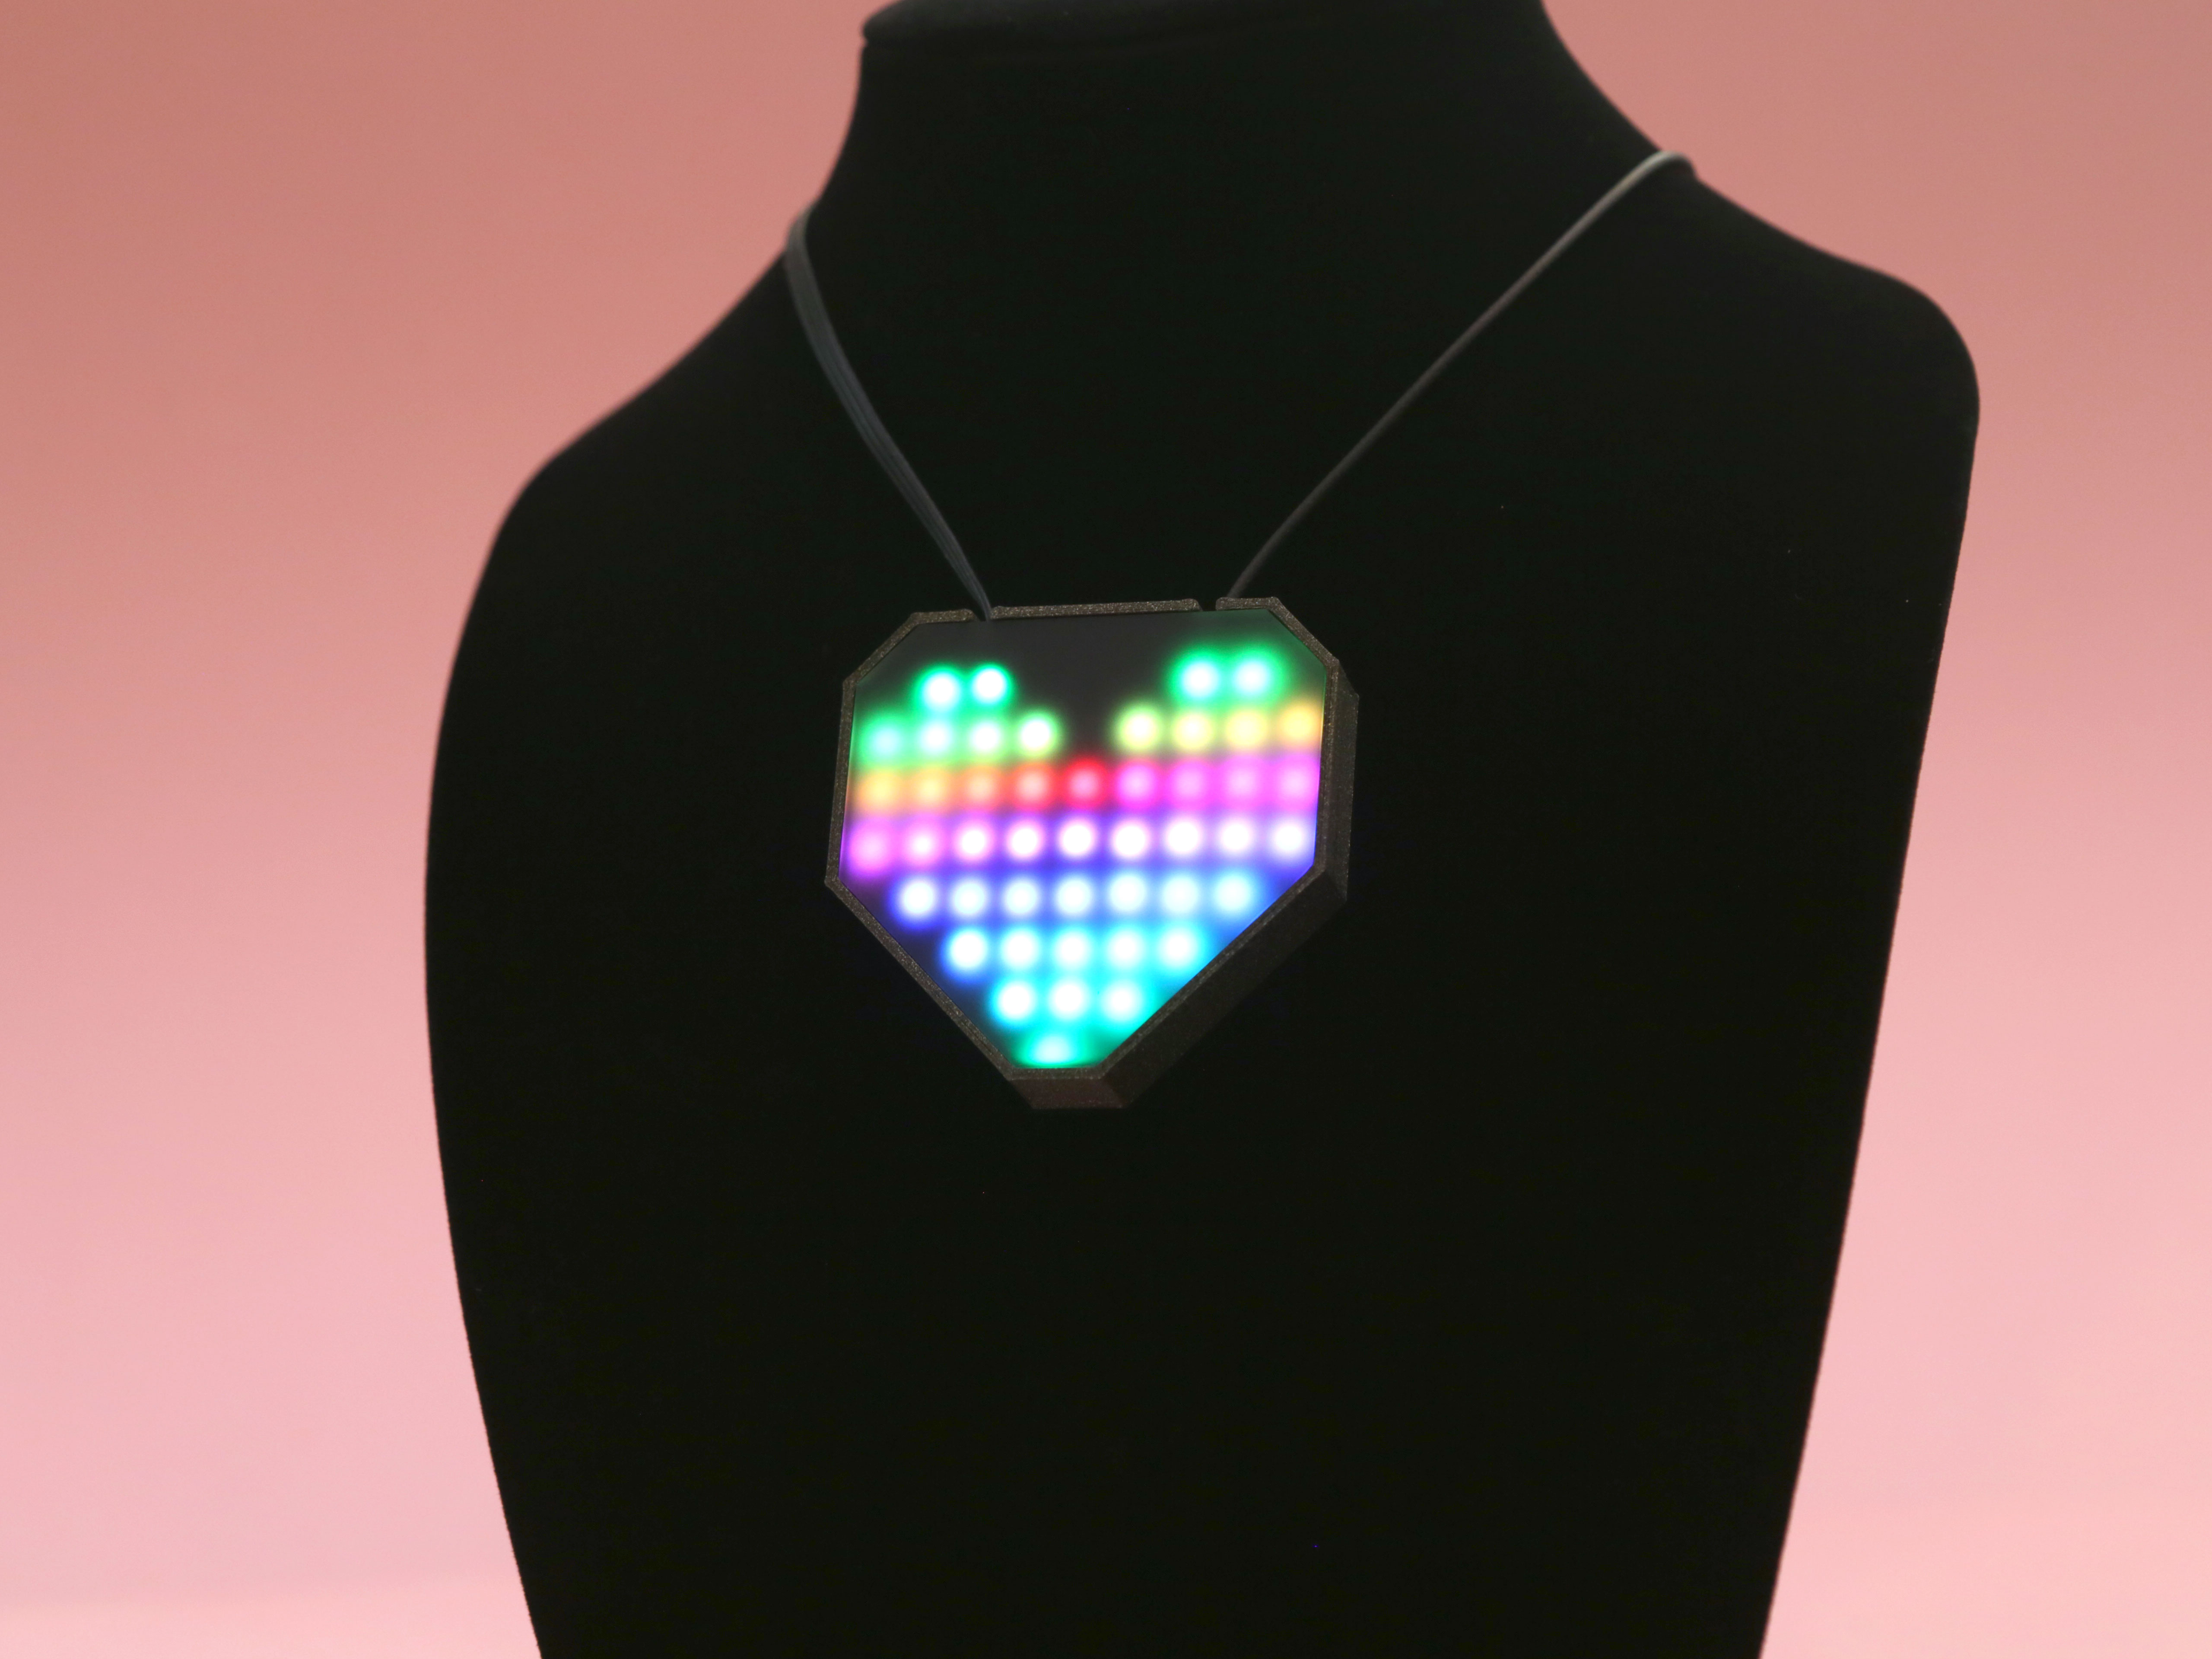 3d_printing_hero-bust-heart.jpg